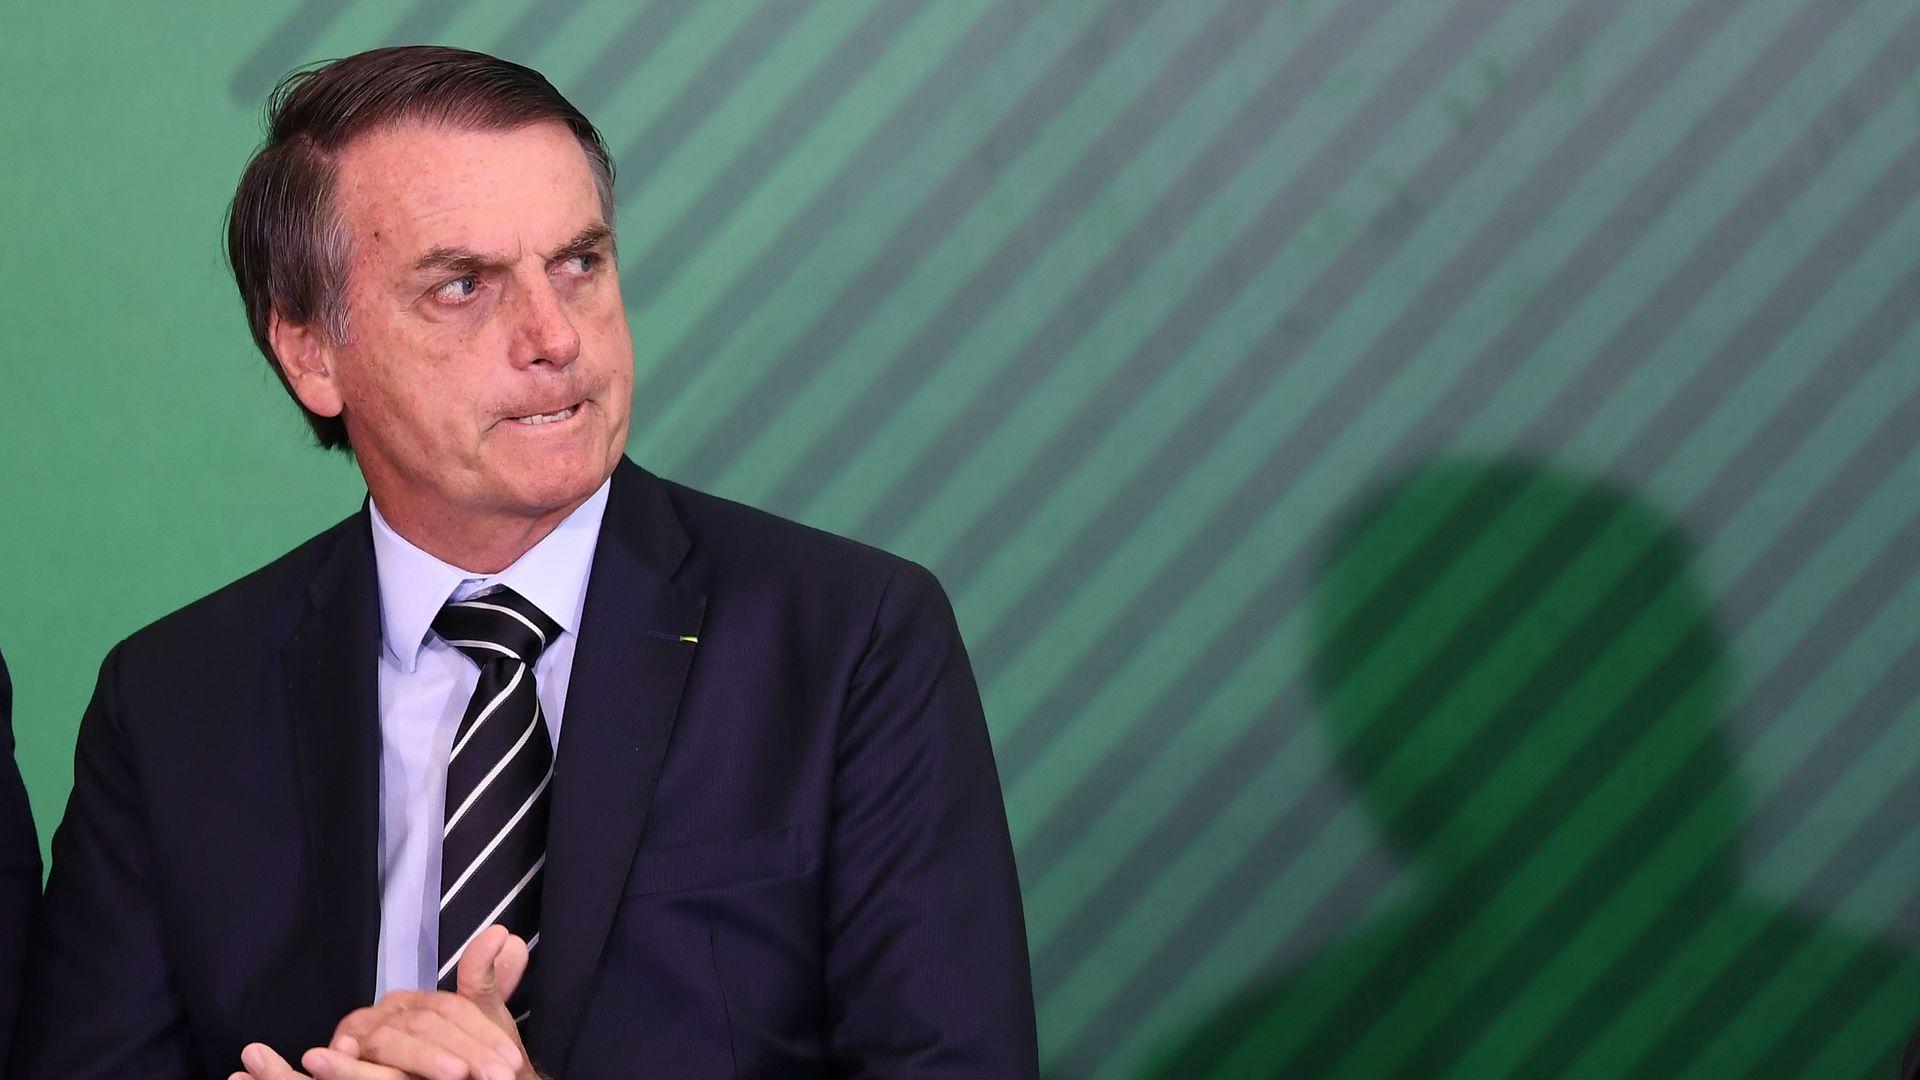 Jair Bolsonaro looks mad.